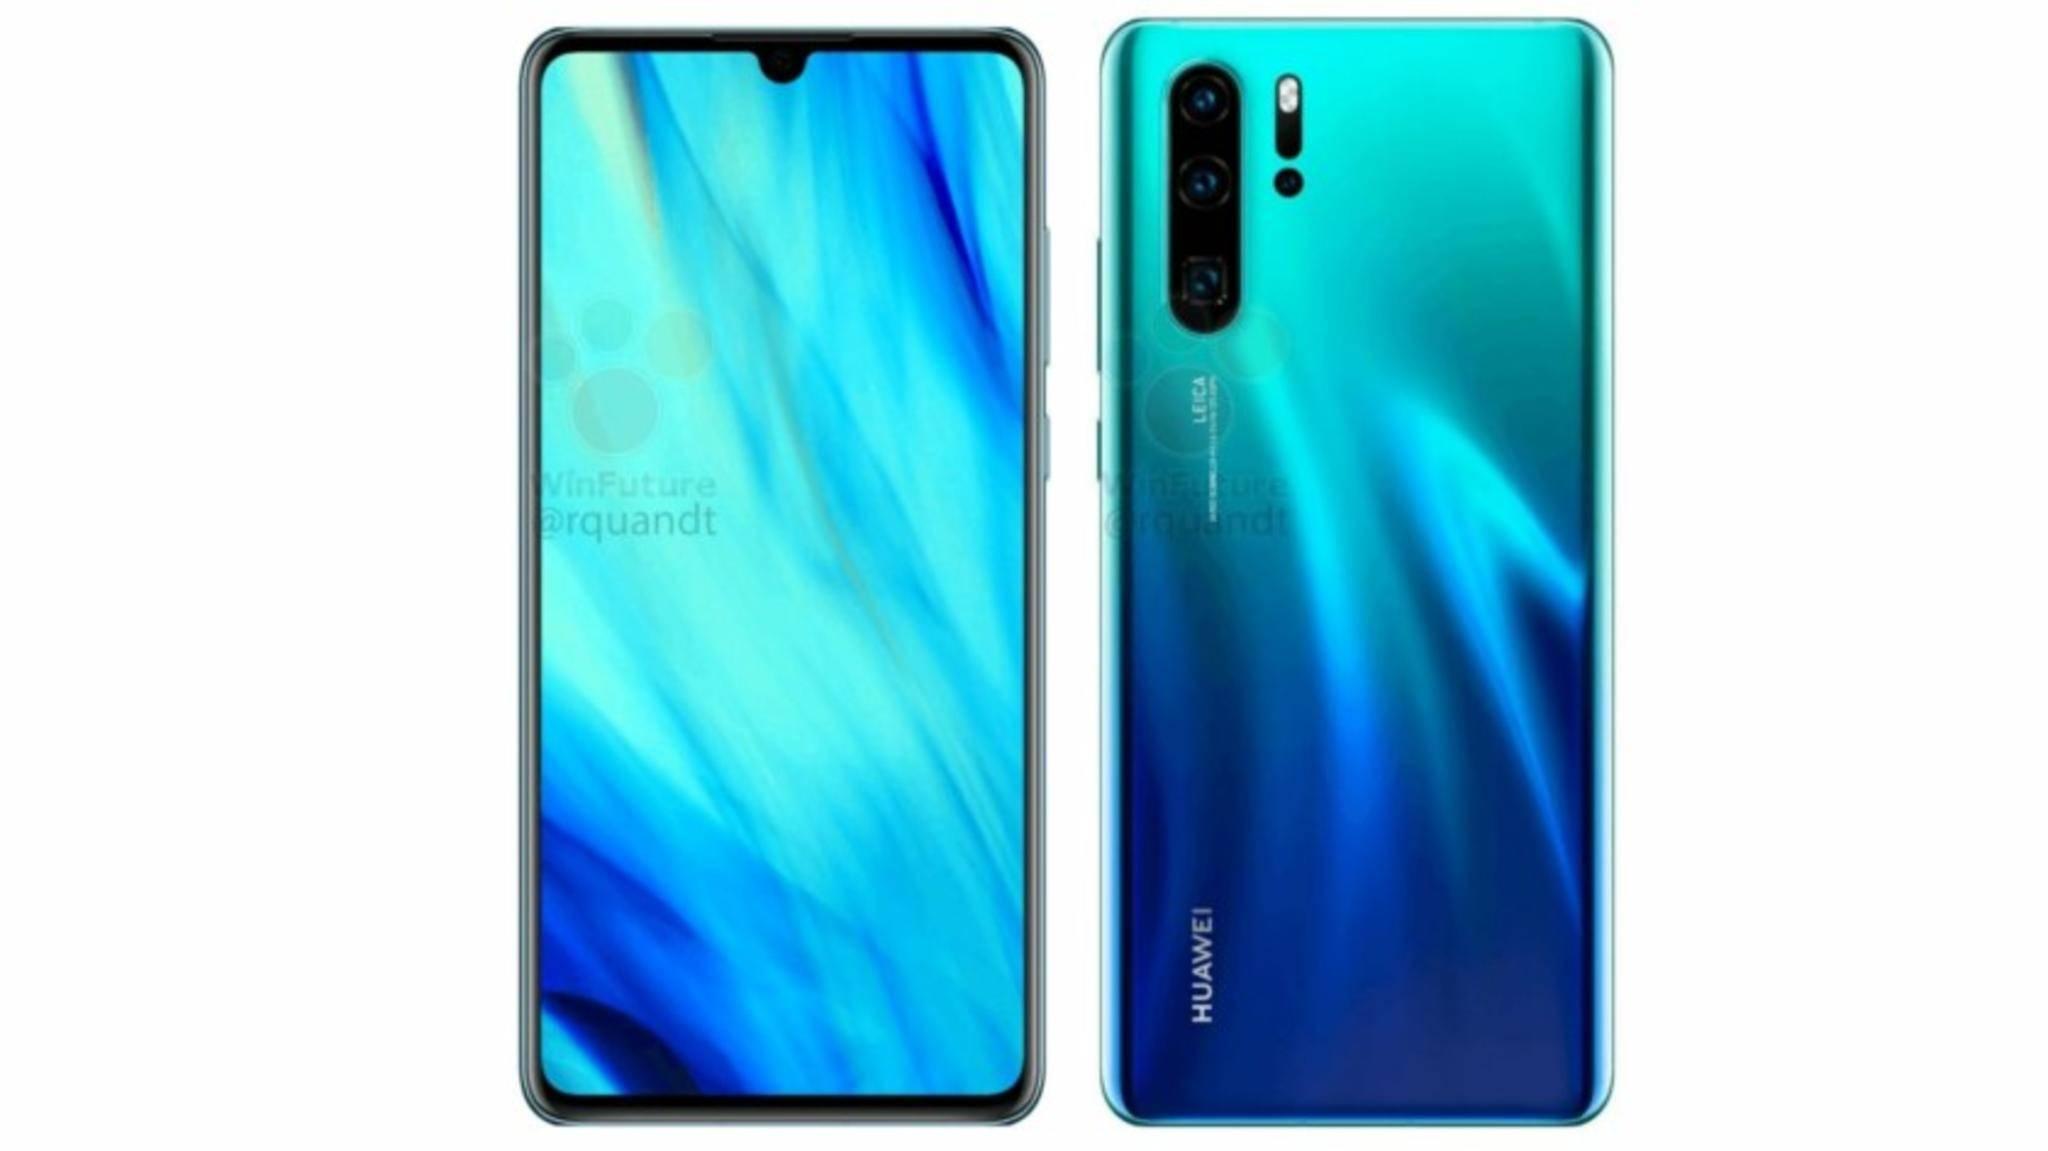 Das Huawei P30 und P30 Pro werden wohl in verschiedenen coolen Farbvarianten erhältlich sein.